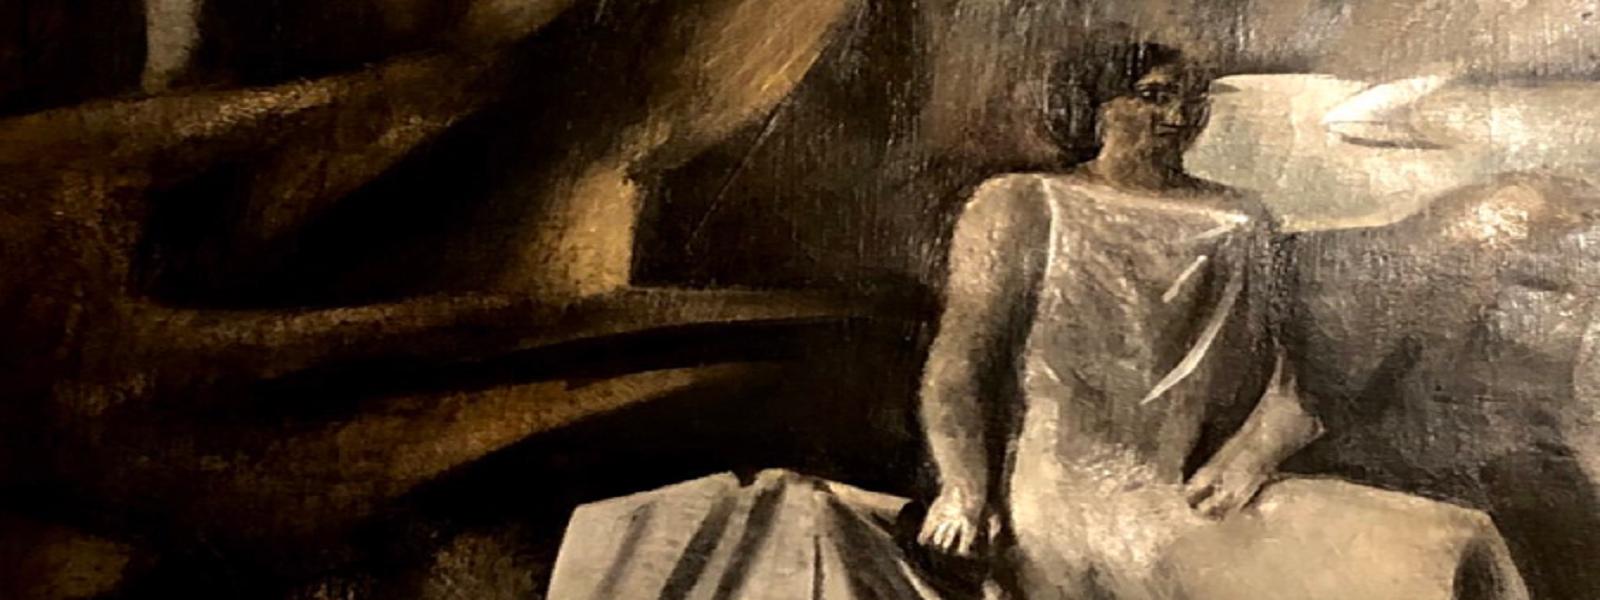 Mario Sironi al Museo del 900, Milano fino al 37 marzo 2022